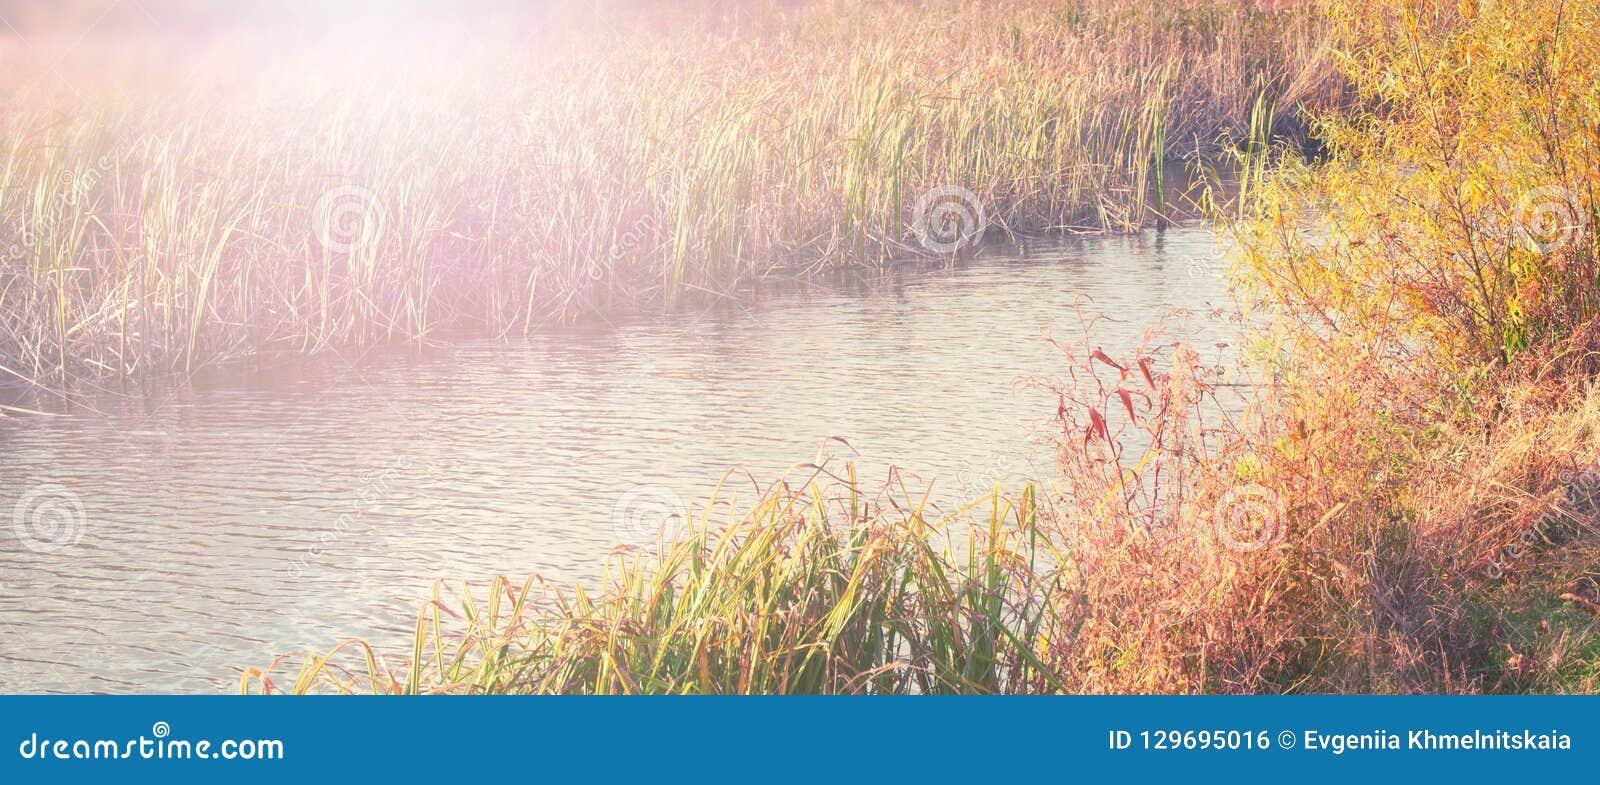 Las cañas naturales de la hierba seca de la orilla del río del paisaje del otoño de la bandera riegan el fondo borroso del foco s